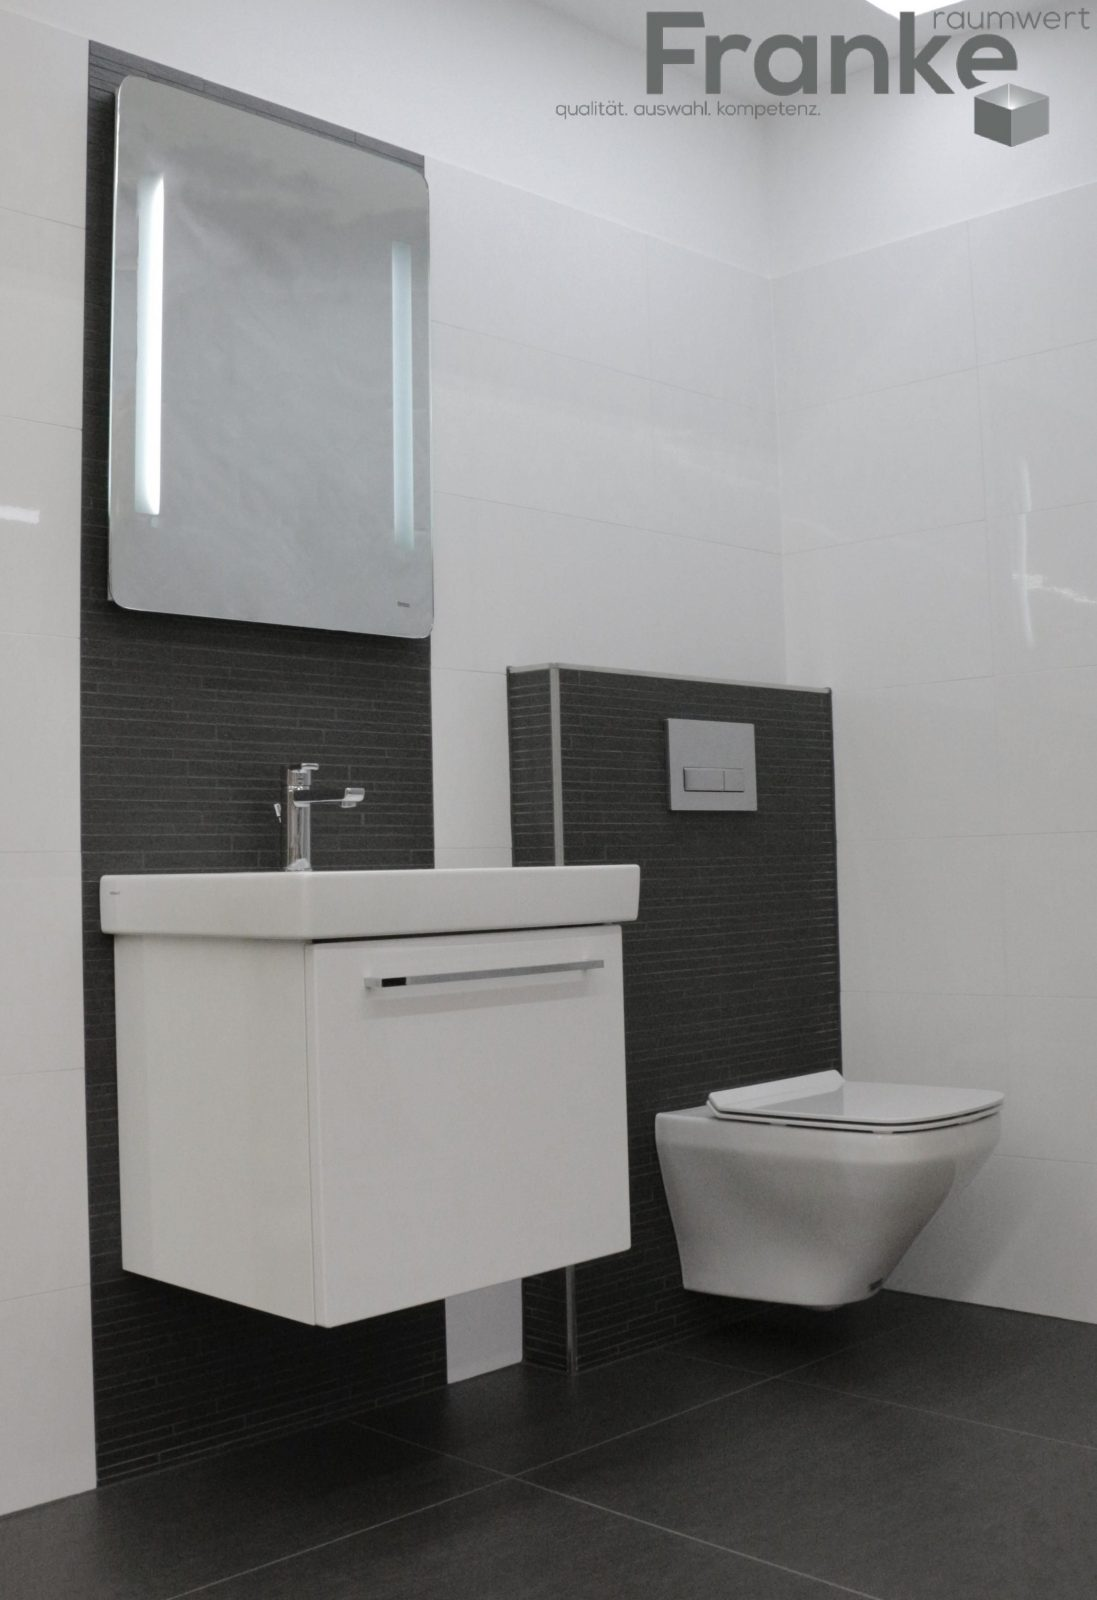 Klassischer Schwarzweiß Look Zeitgemäß Und Langlebig Weiß von Bad Grau Weiß Gefliest Photo